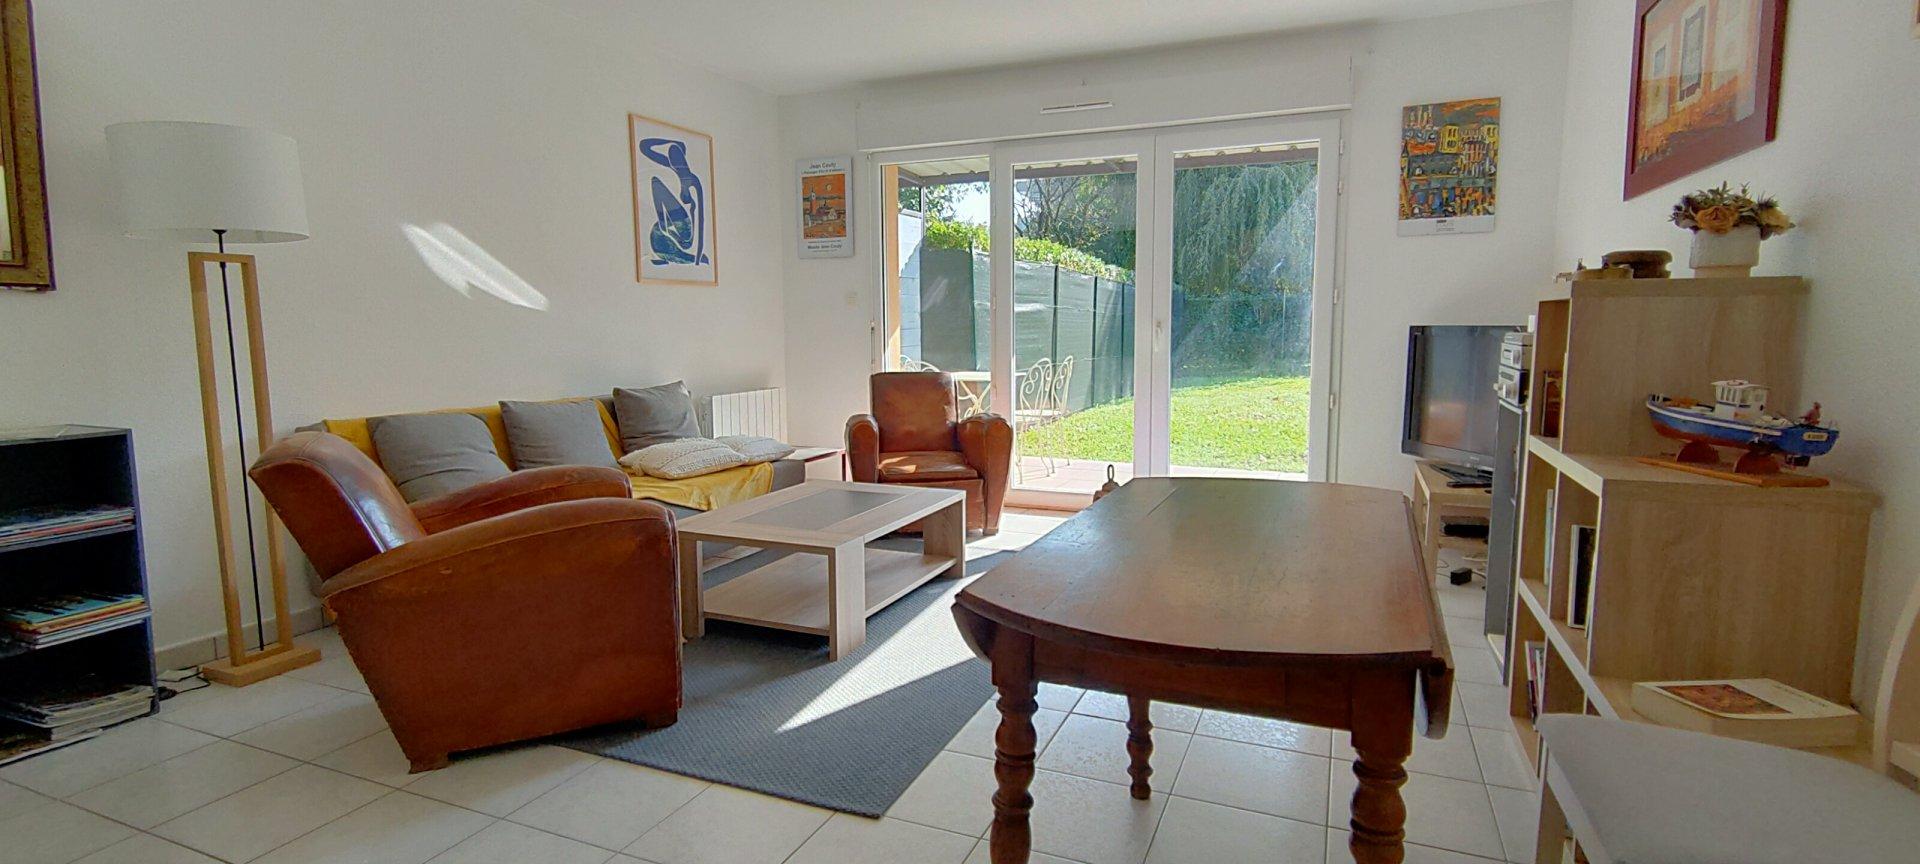 Appartement 2 CH avec jardin privatif et garage